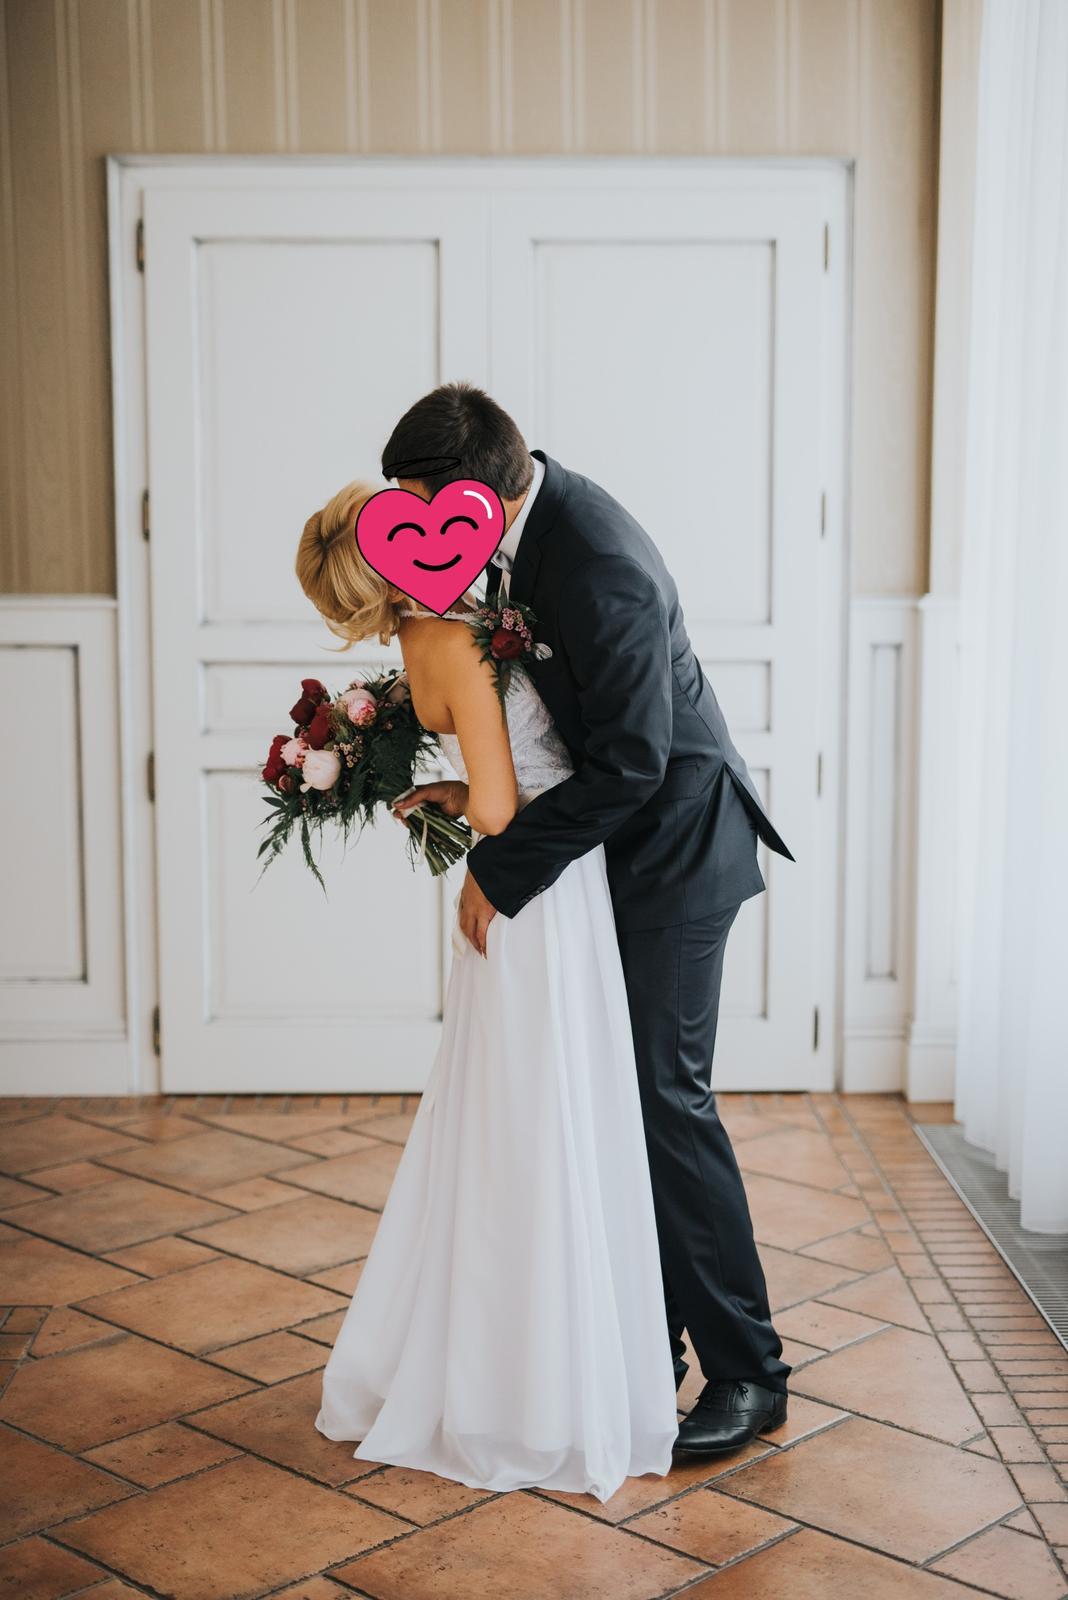 Muselinove svadobne saty s cipkovym topom - Obrázok č. 4